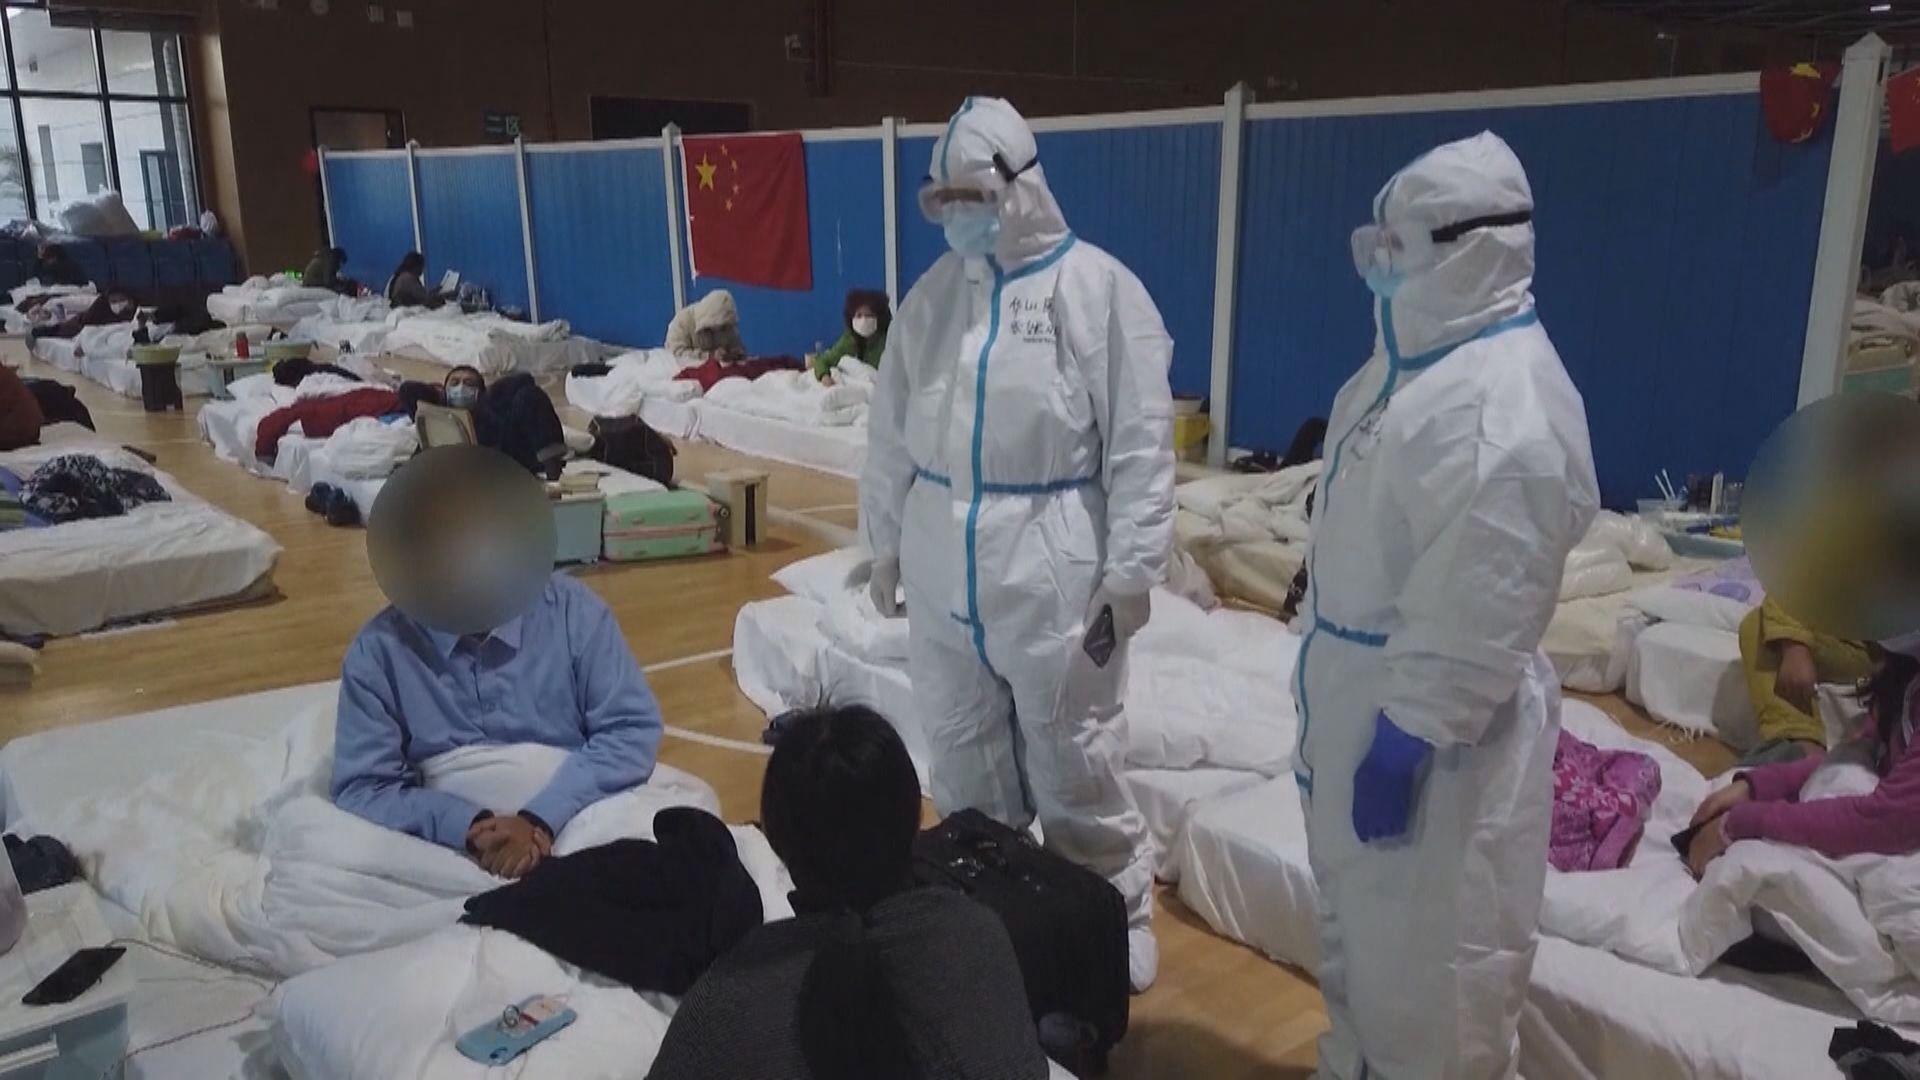 世衛專家考察組組長:全球應立即準備應對疫情